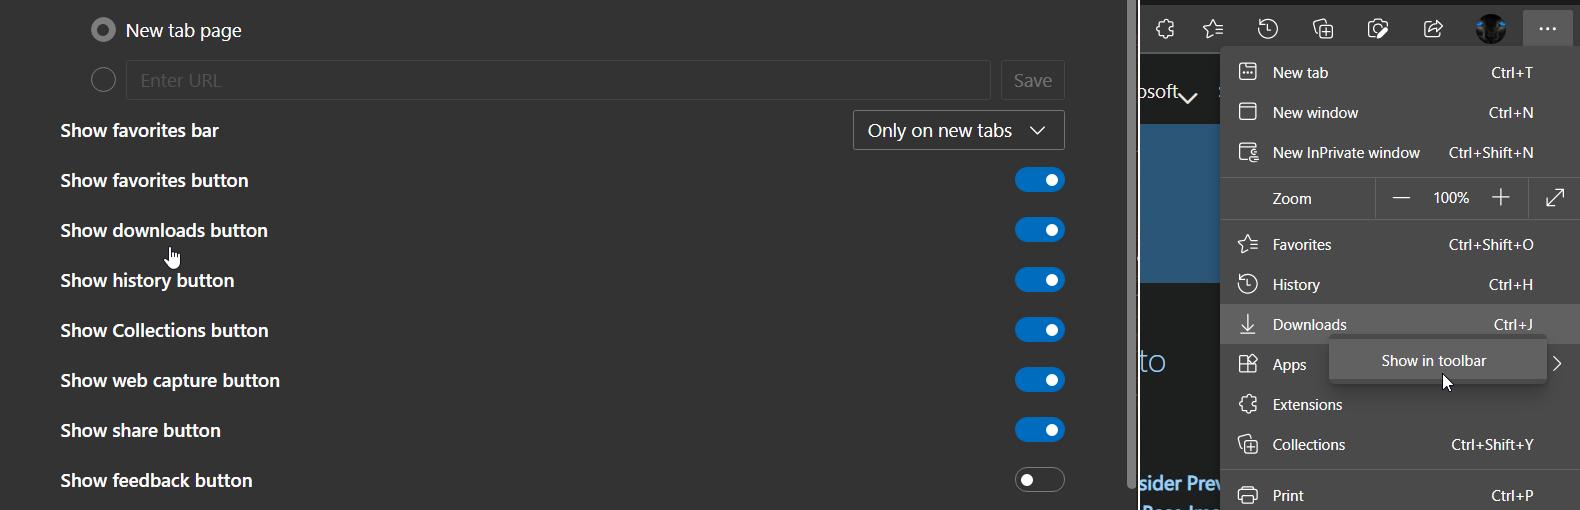 微软为Microsoft Edge带来新的下载菜单 可以直接弹出快速操作